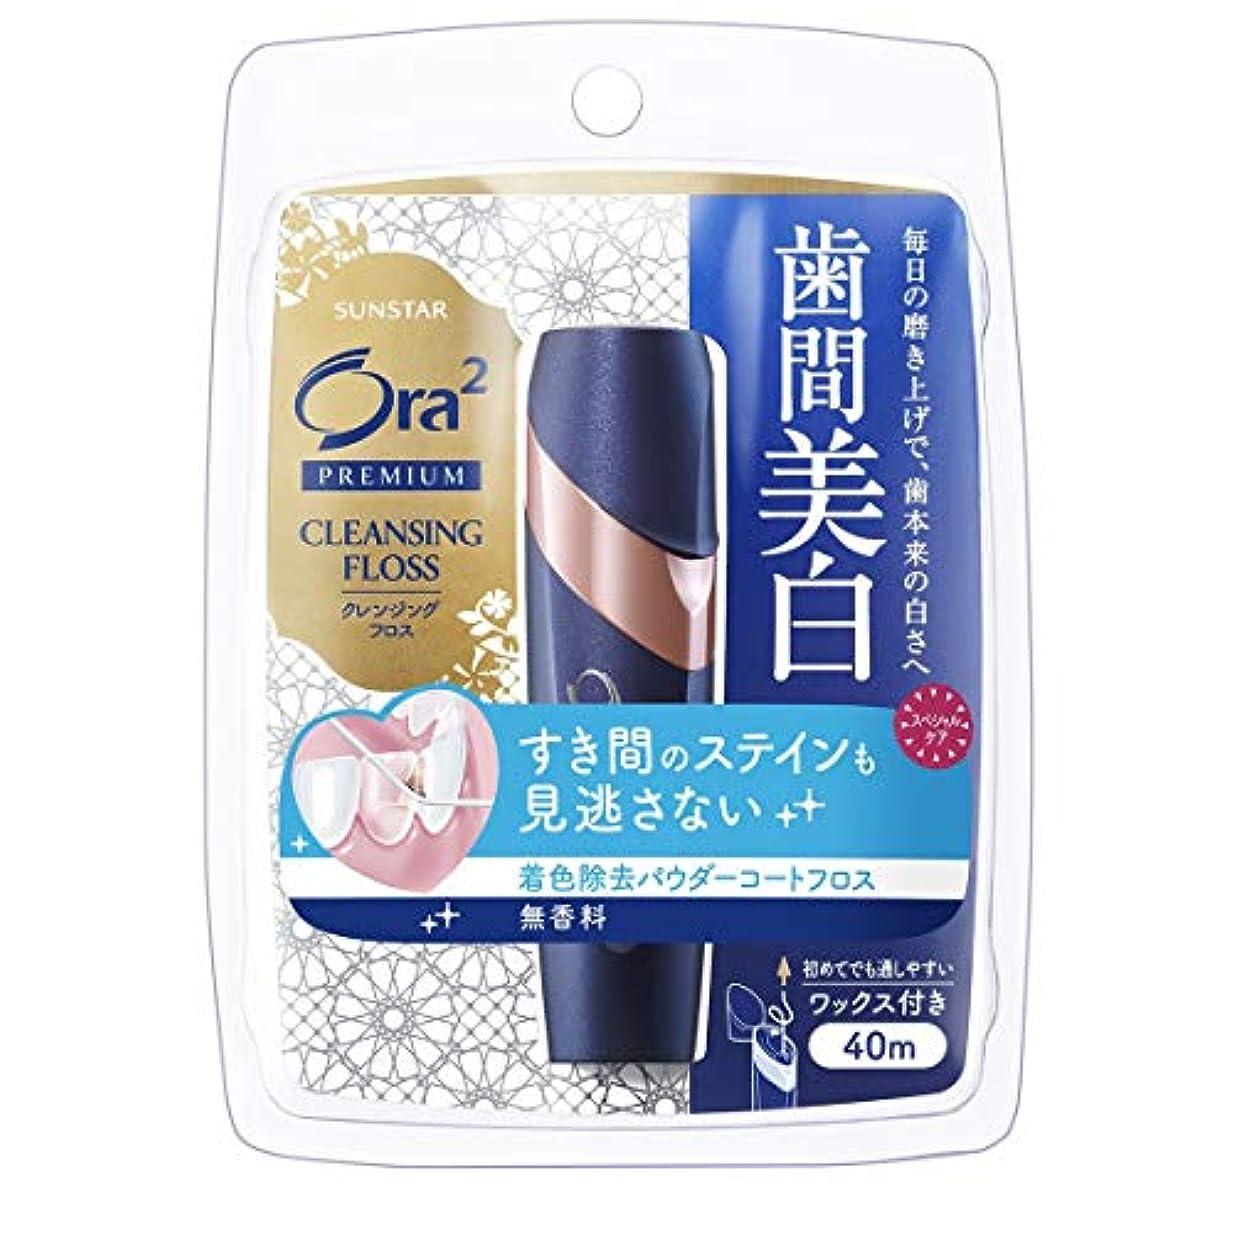 メロディアス憂鬱化粧Ora2(オーラツー) プレミアム クレンジングフロス 歯間美白 無香料 ワックス付き 40m